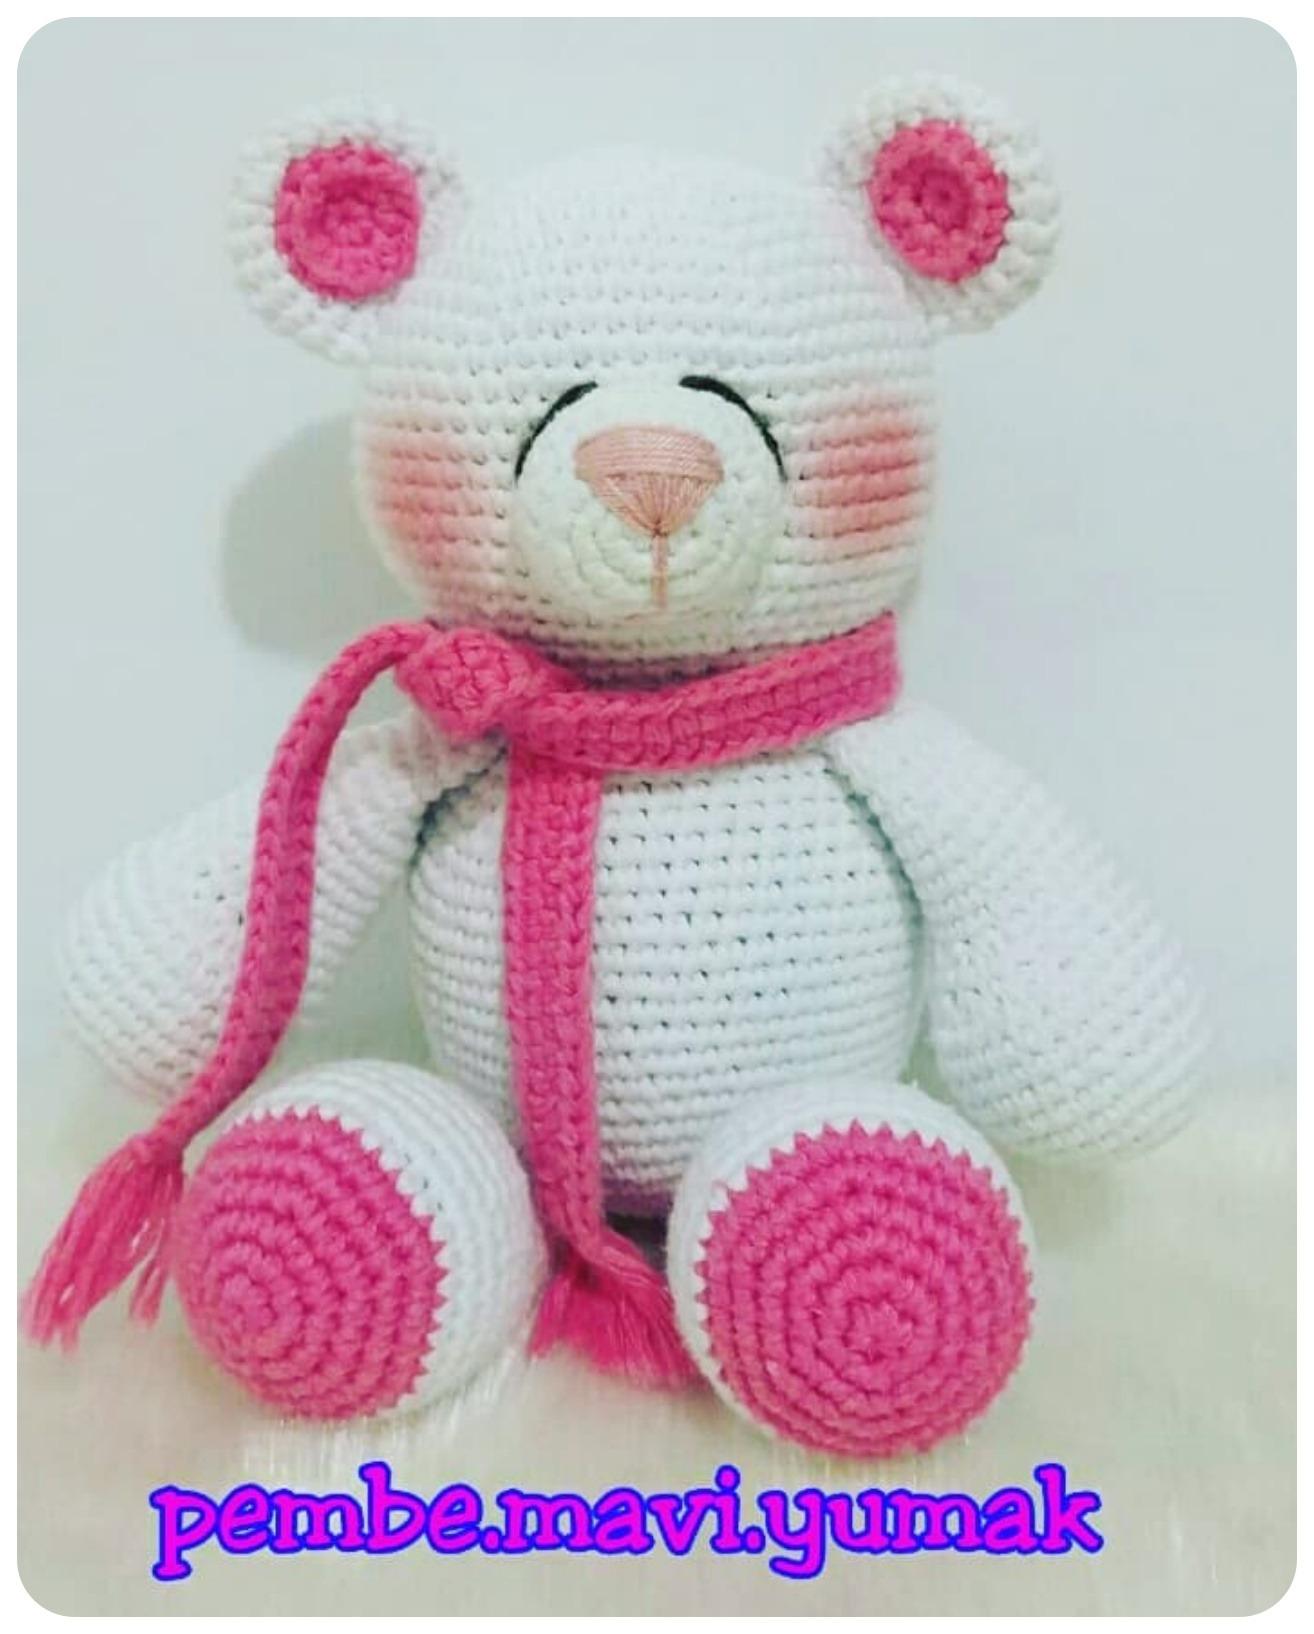 2019 Best Amigurumi Crochet Bear Free Patterns - Amigurumi ... | 1634x1314